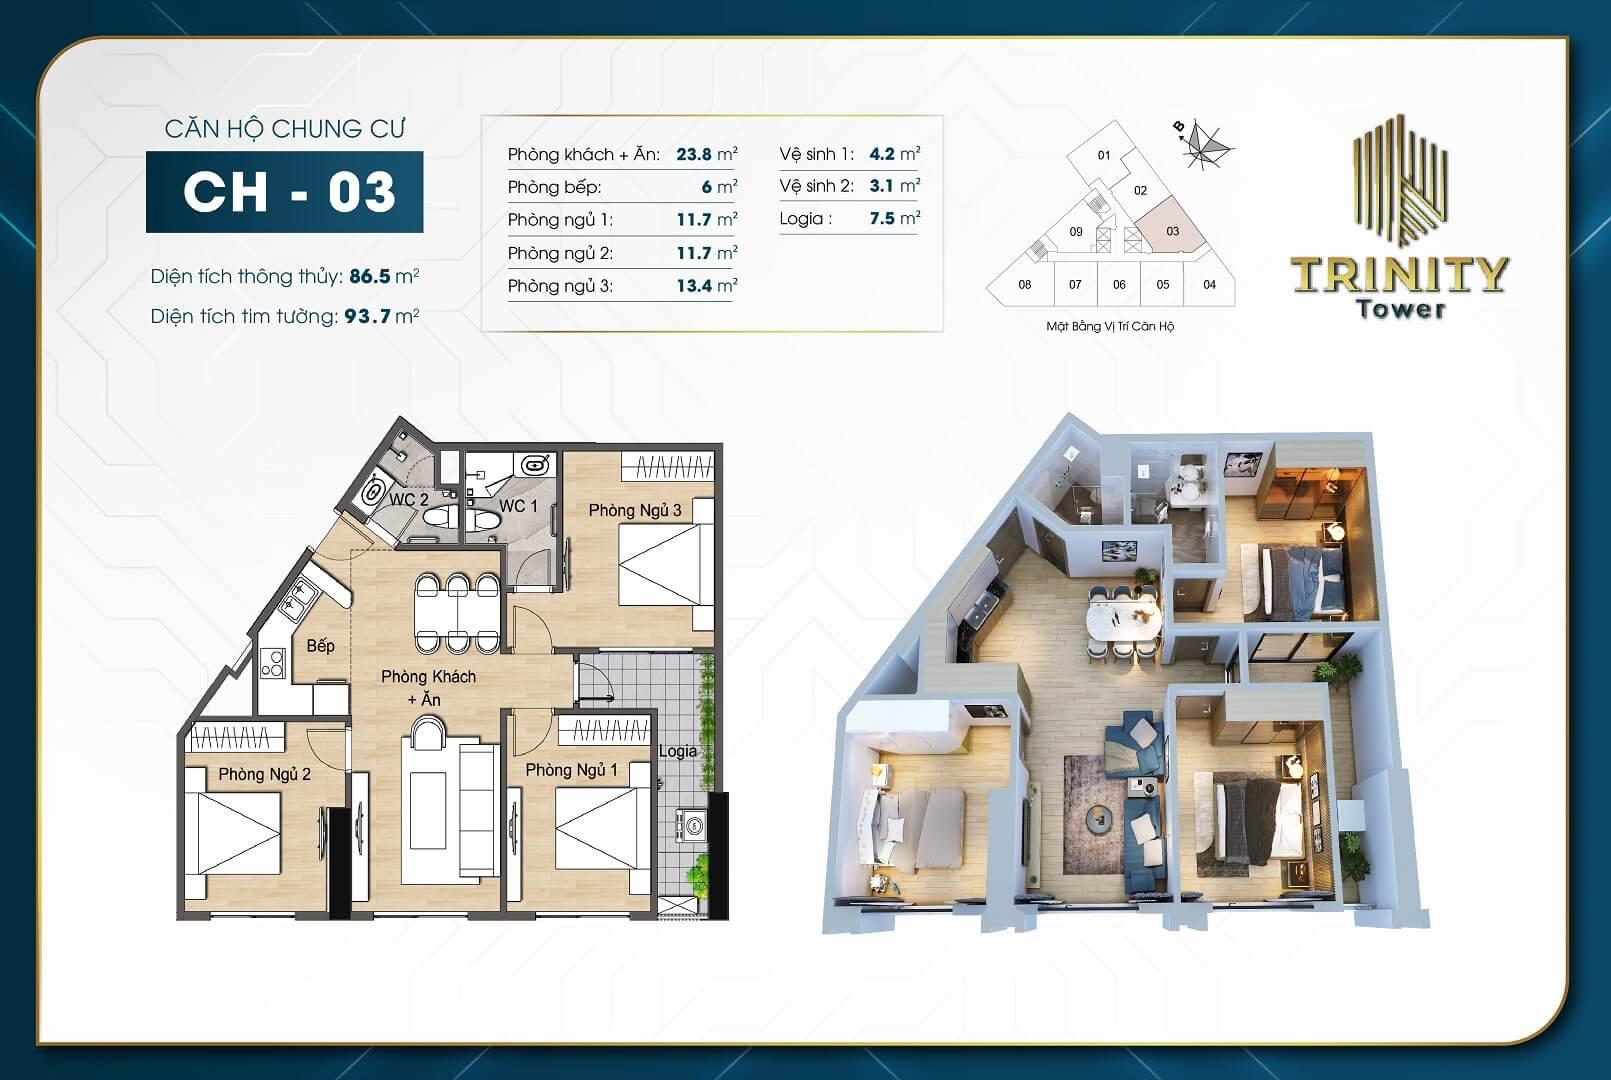 thiết kế chung cư trinity tower căn hộ 03